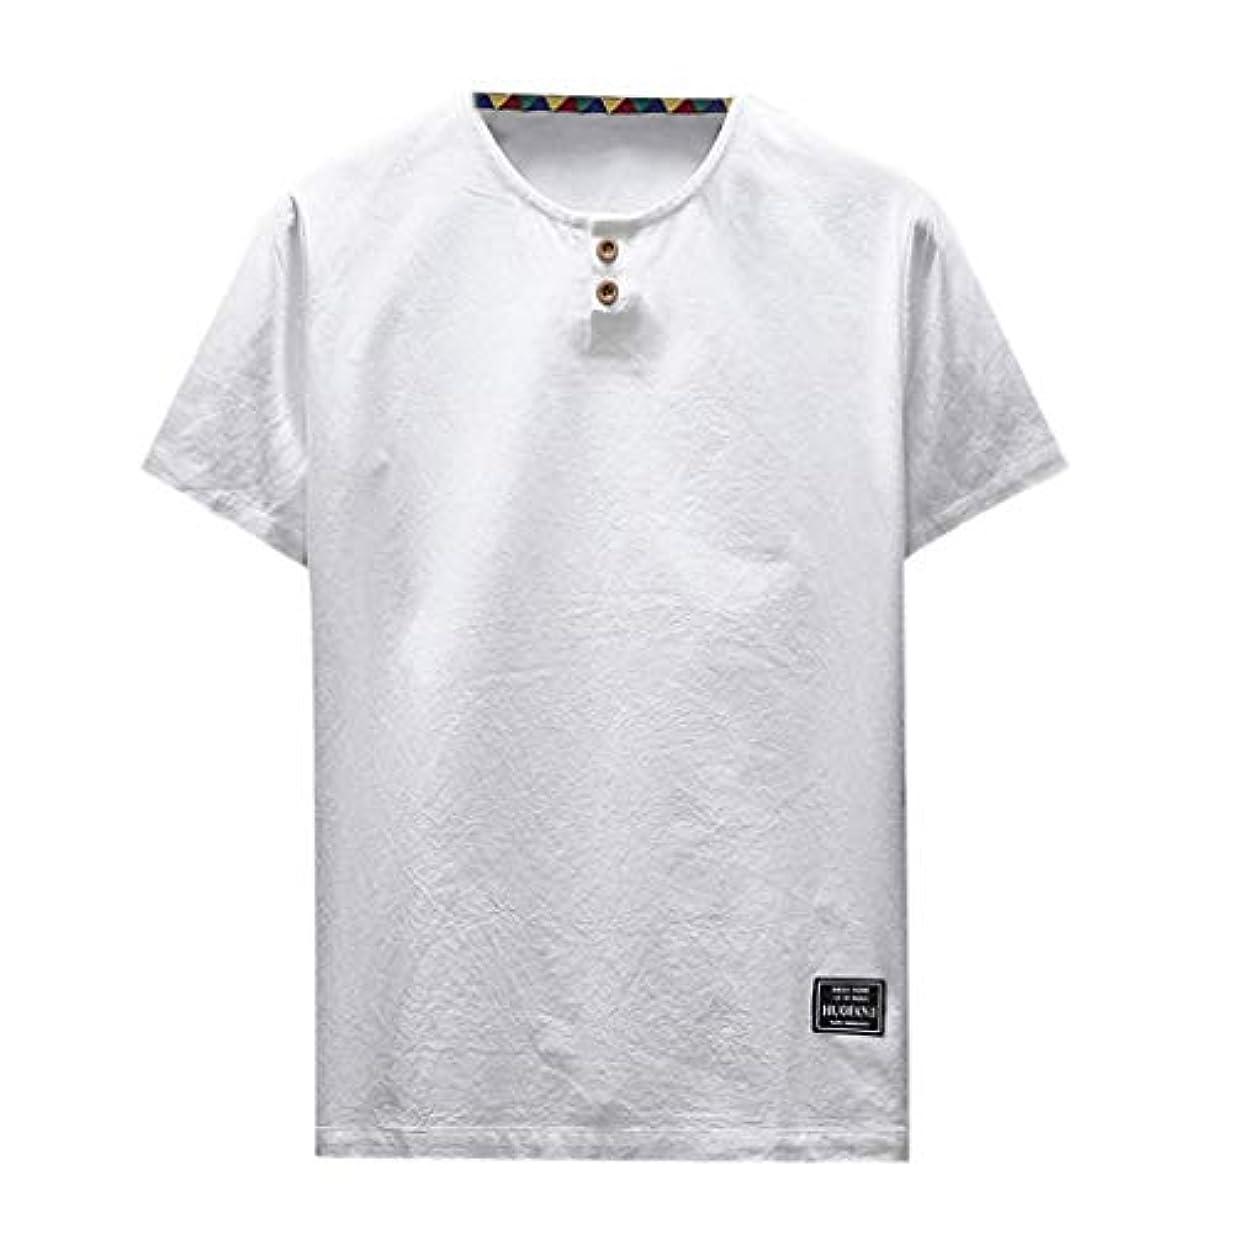 始まり寄託ドナウ川OD企画 Tシャツ メンズ 半袖 シャツ メンズ tシャツ メンズ おおきいサイズ 日系 綿麻 丸首 半袖シャツ シャツ 半袖 ブラウス トップス ゆるtシャツ 春夏節対応 おしゃれ ゆったり カットソー ファッション 夏服